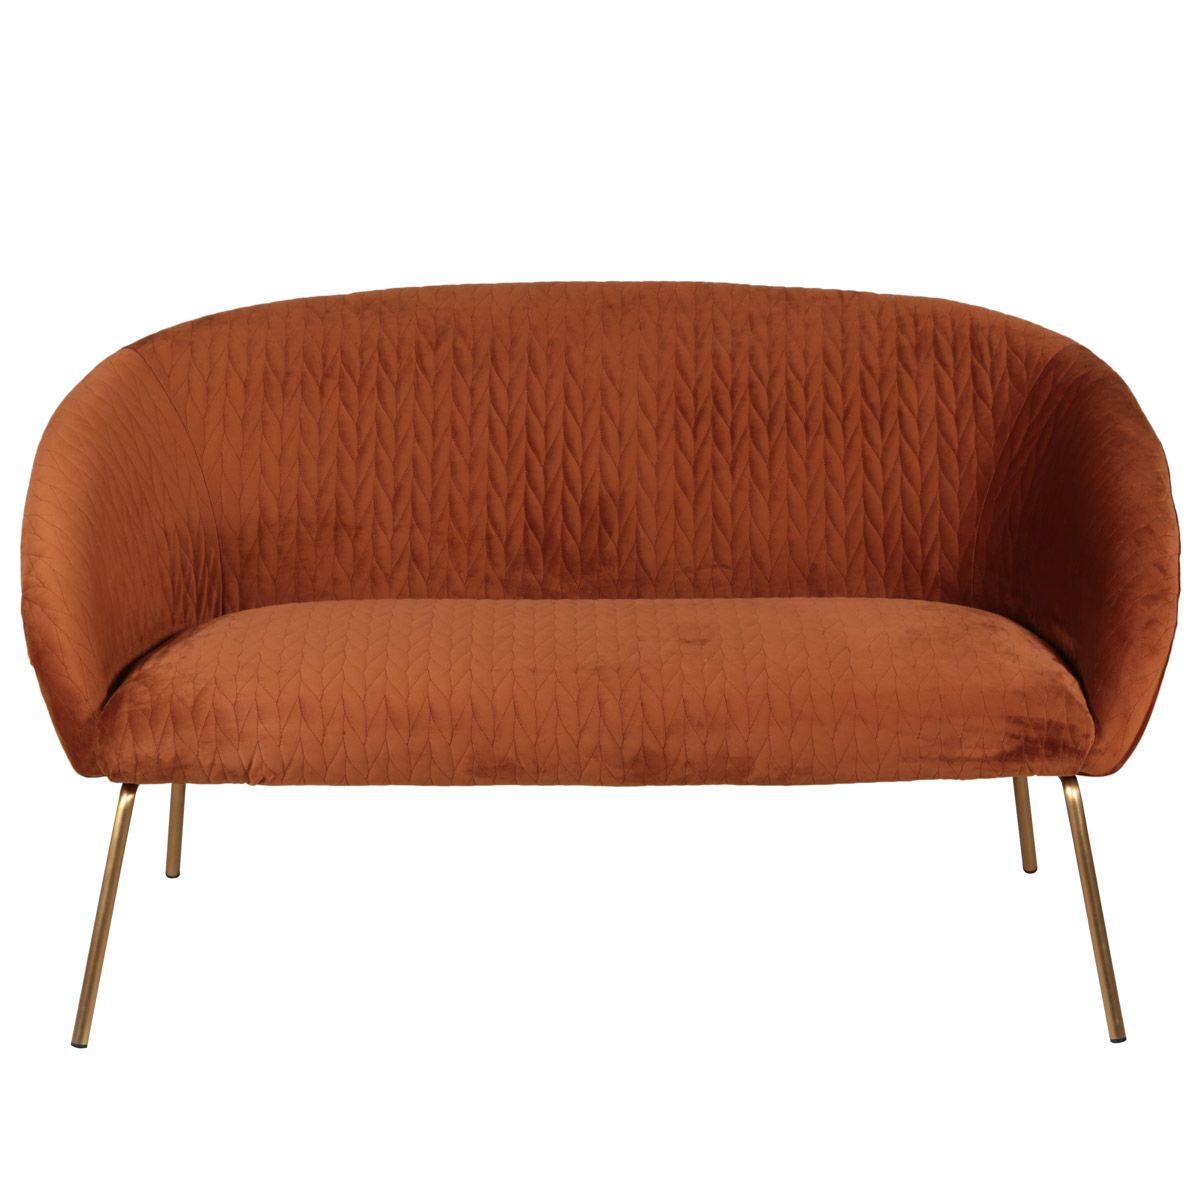 Canapé 2 places en velours cognac et pieds dorés